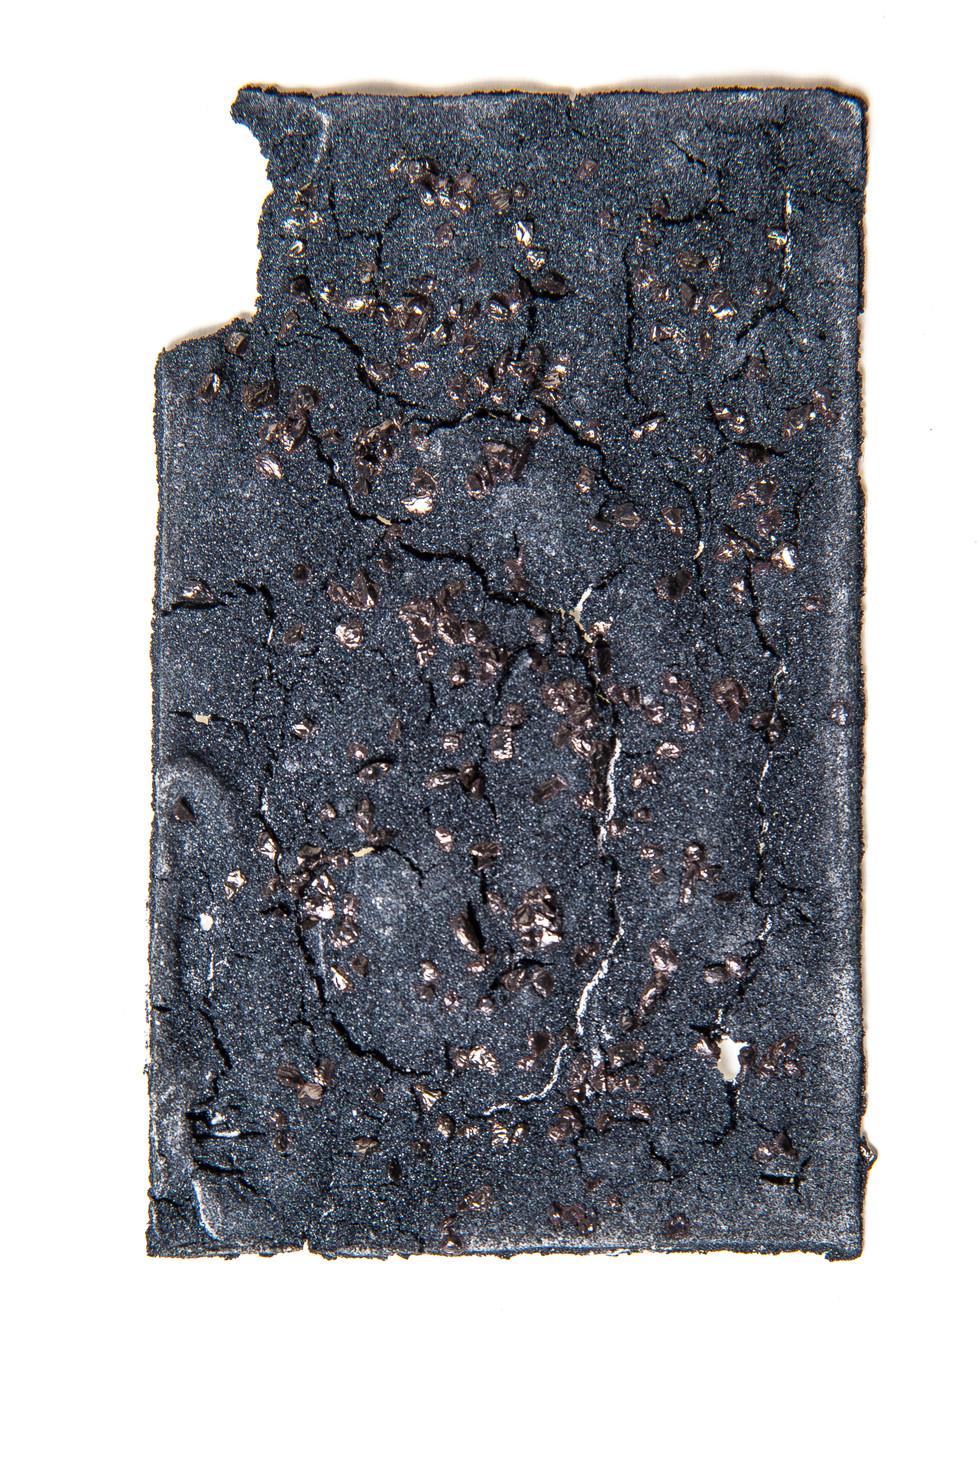 Carborondum Material Sample